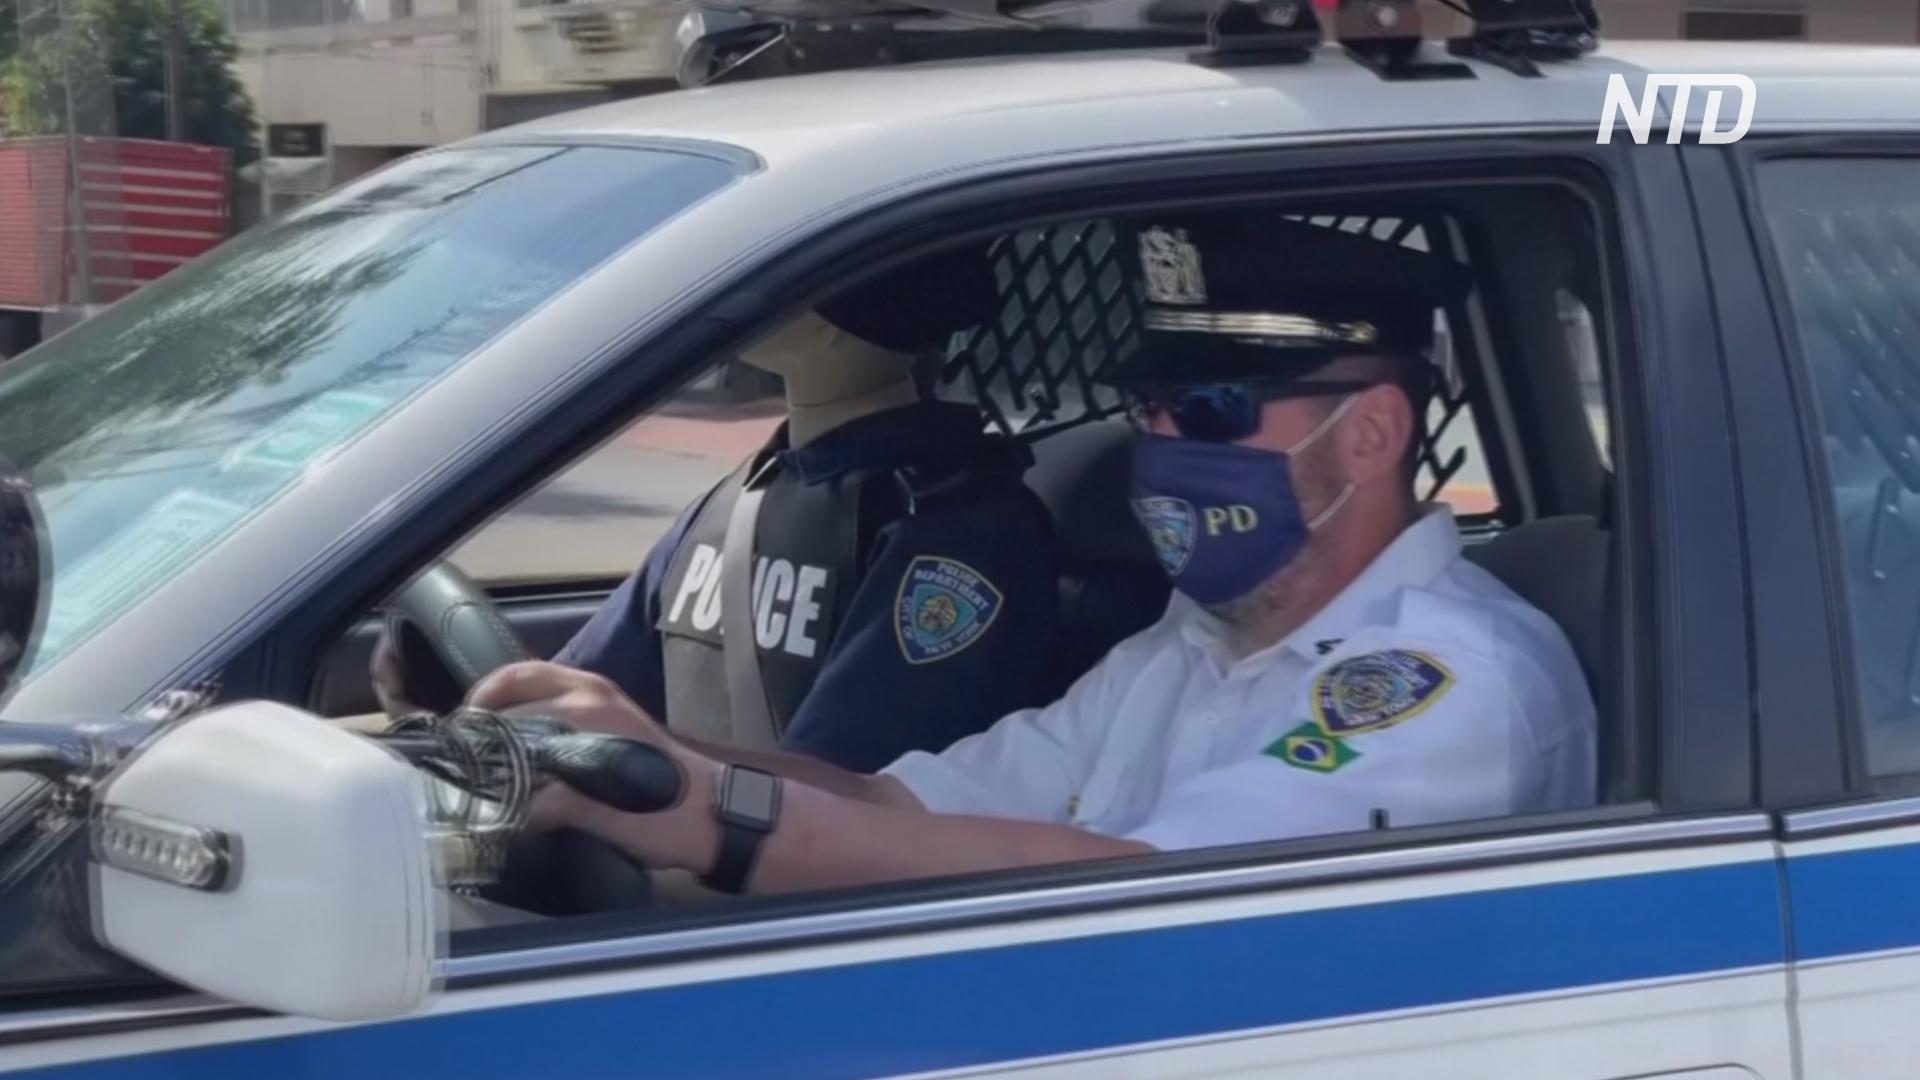 Что делает патруль полиции Нью-Йорка на улицах Сан-Паулу